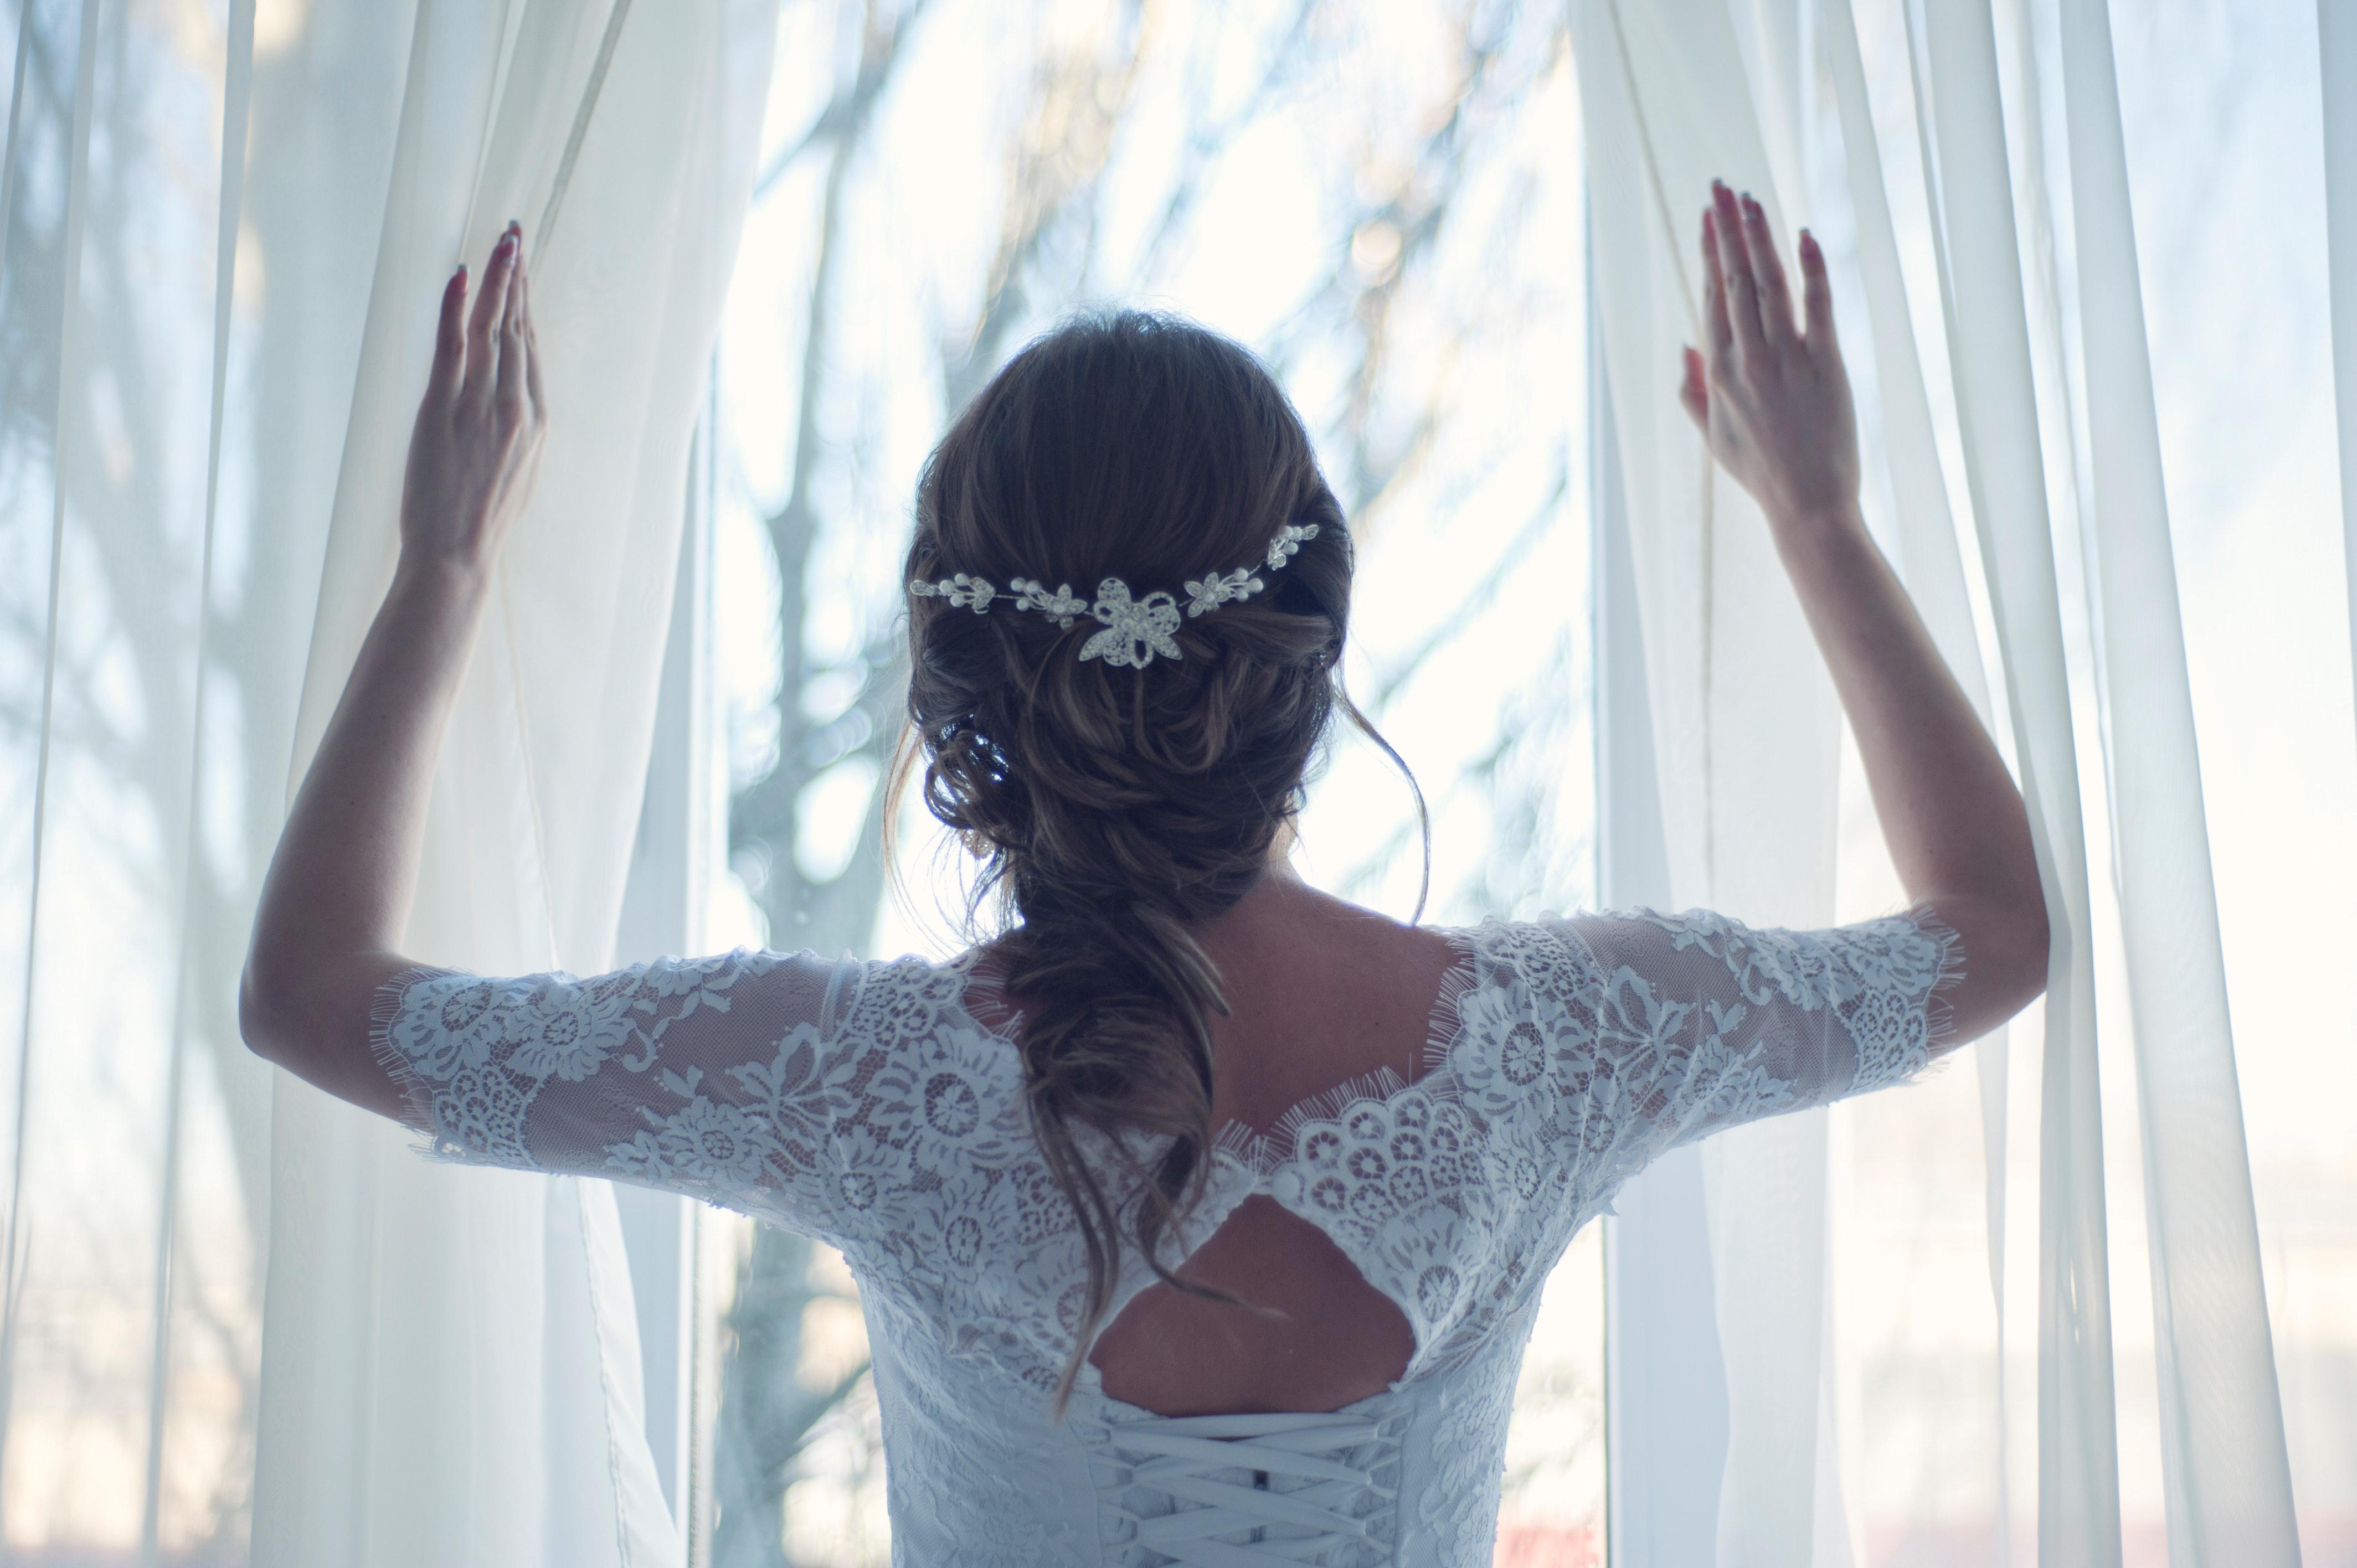 アラフォー女性が幸せな結婚をするためには?